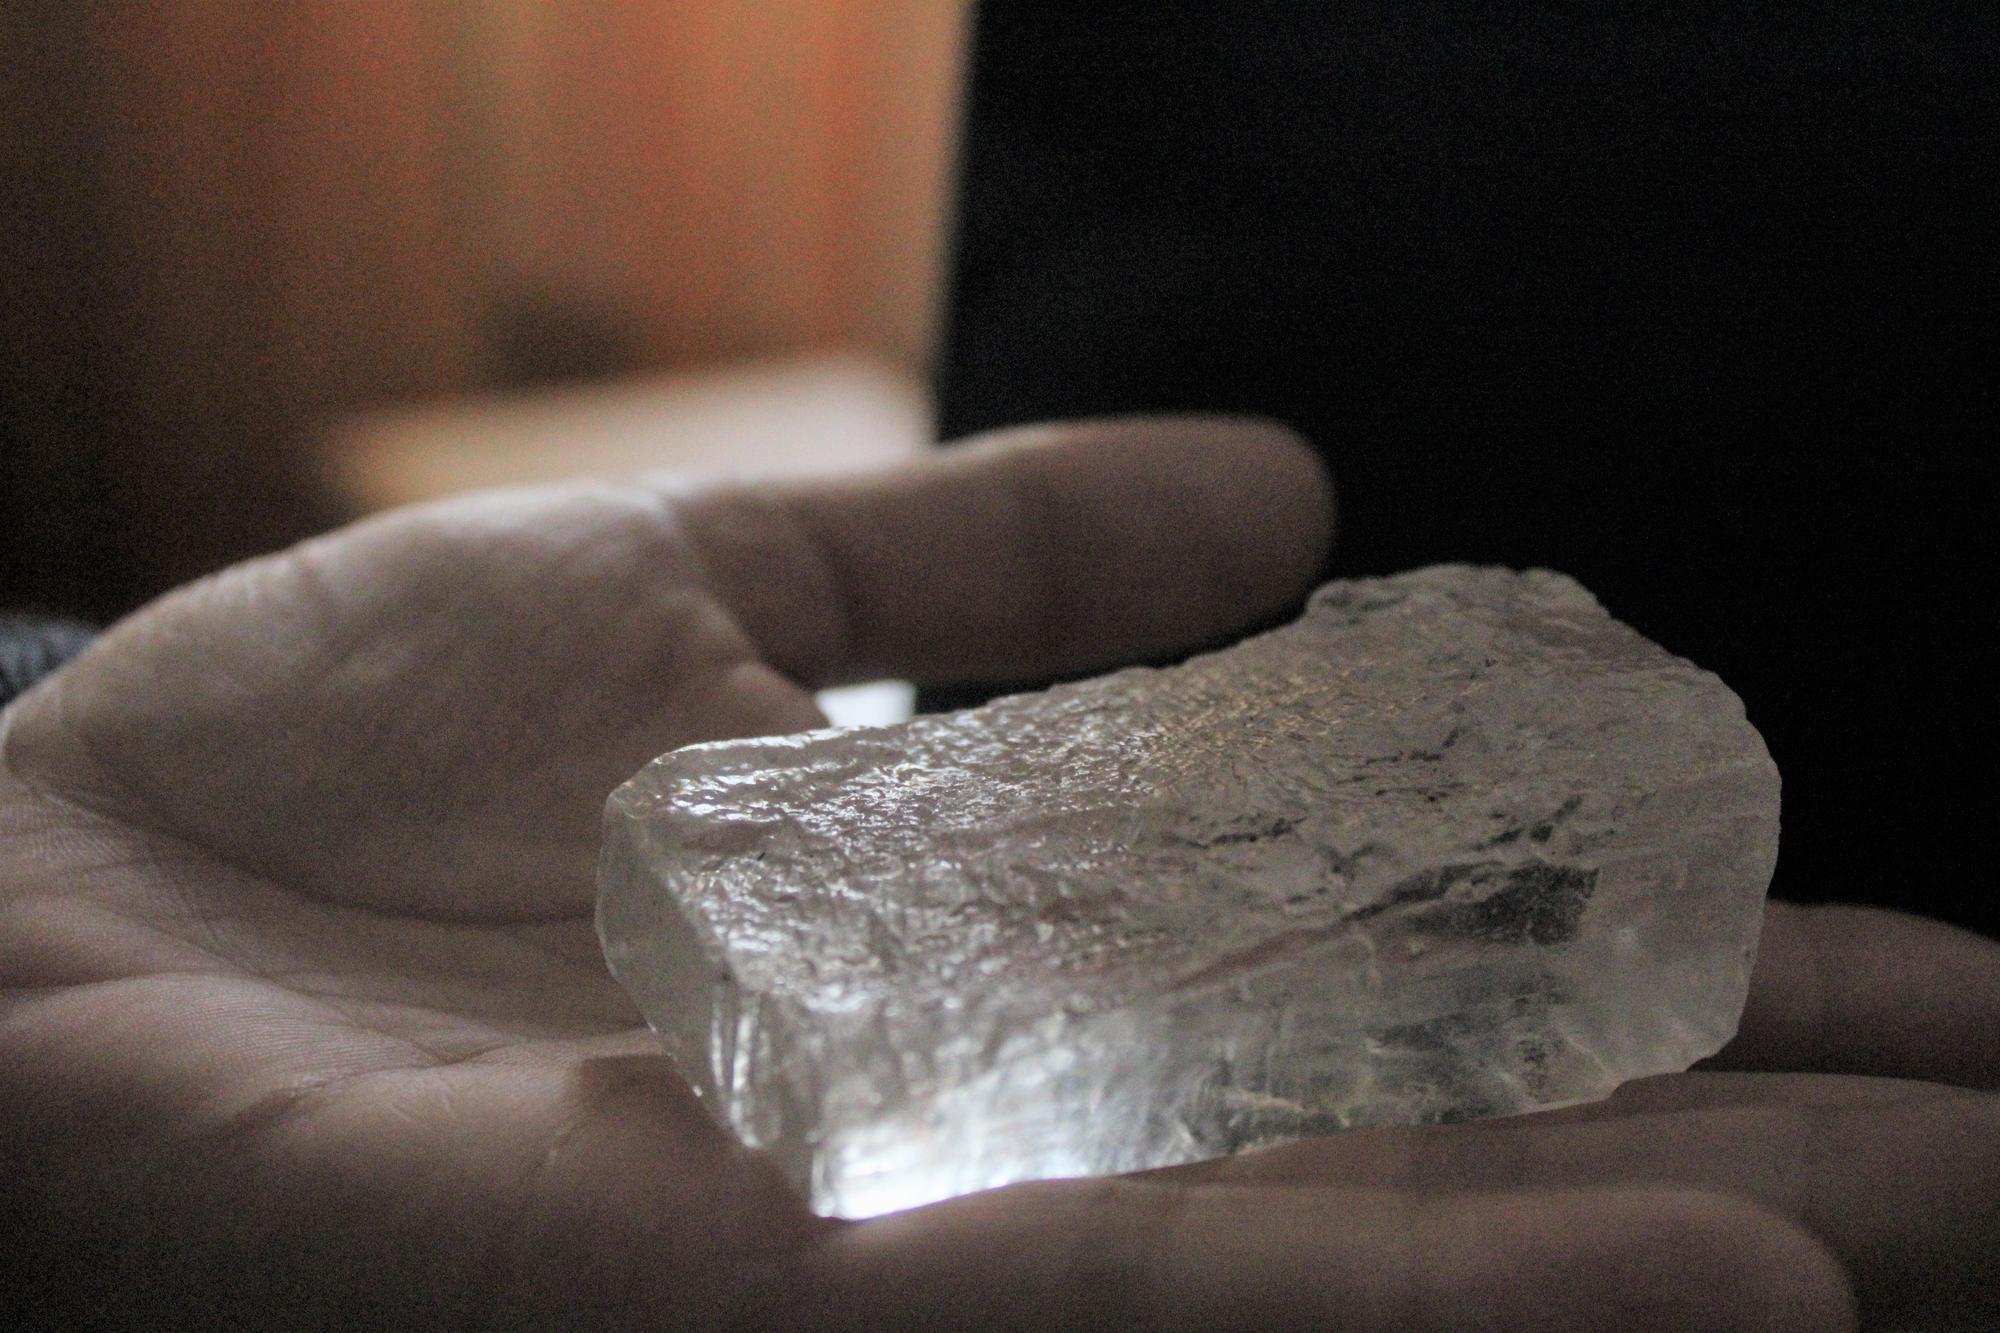 кристалл соли на ладони